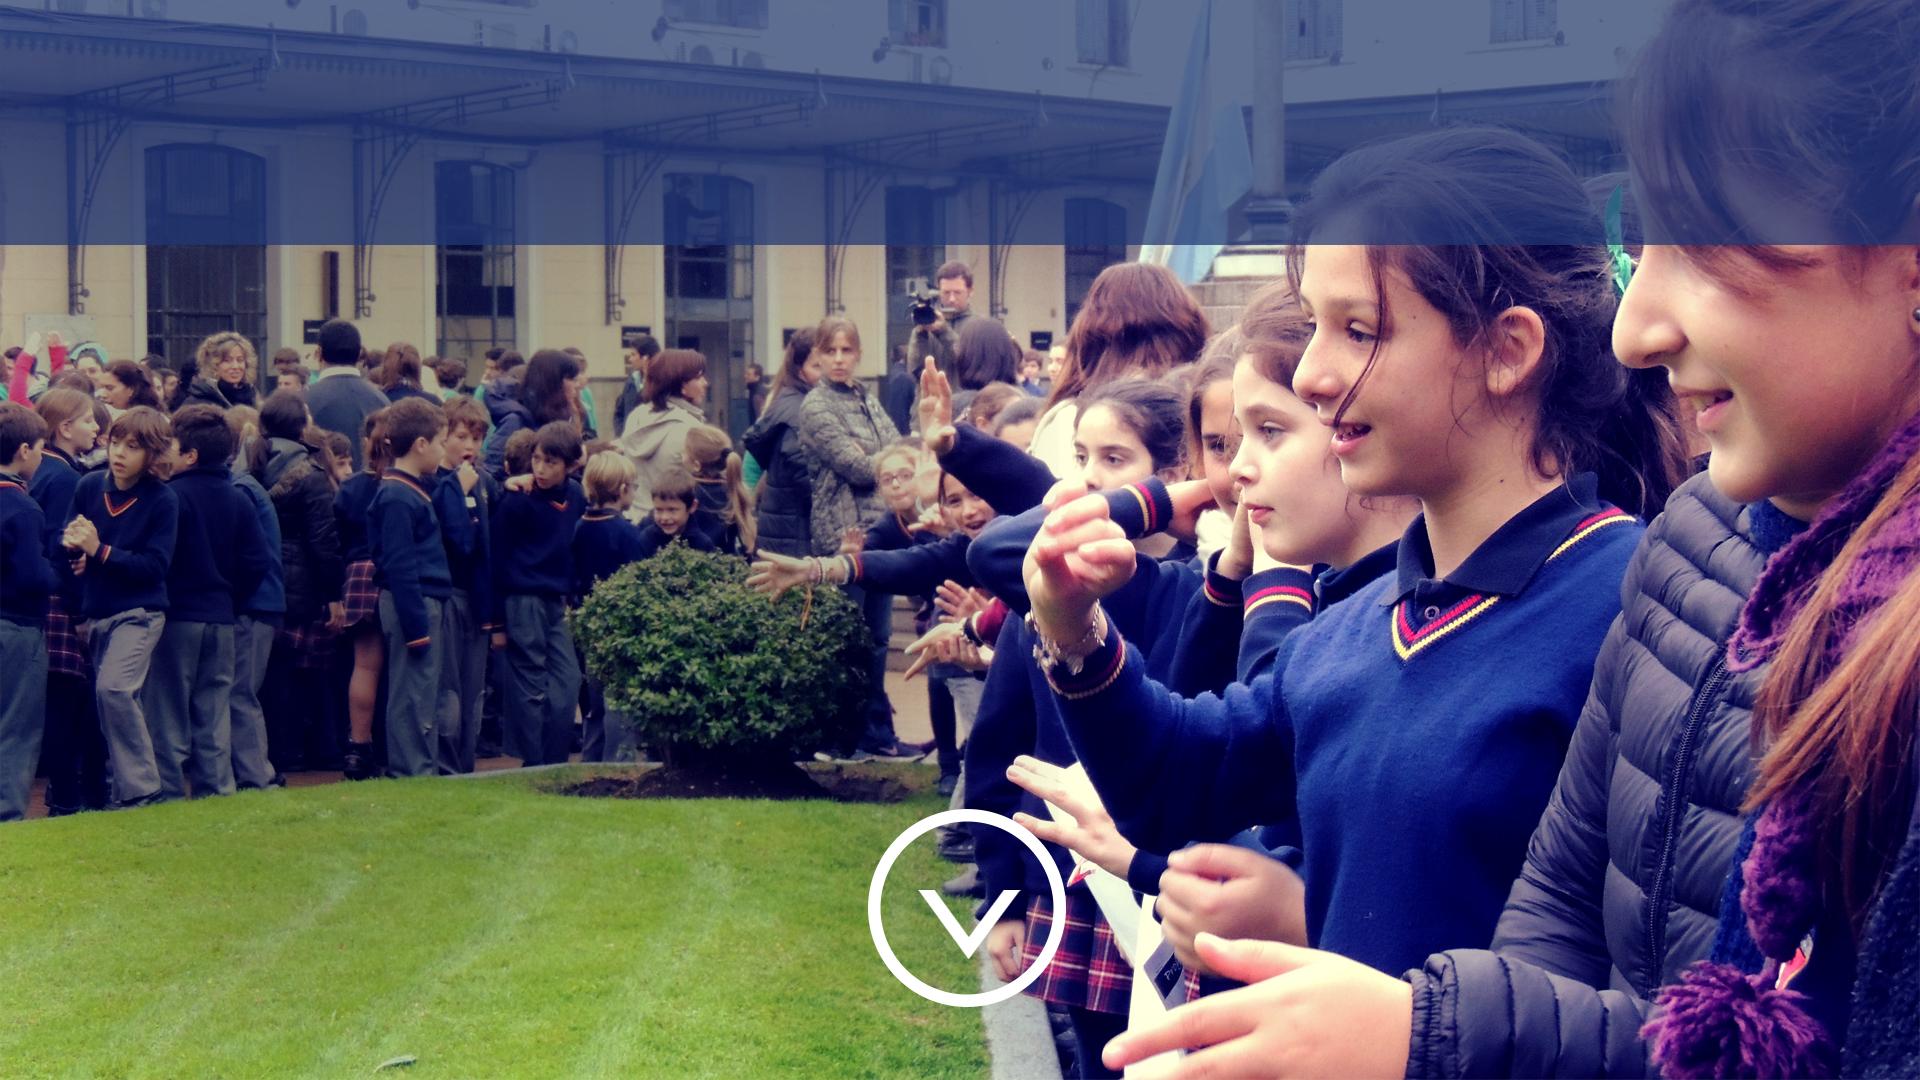 alumnos en el patio central del colegio carmen arriola de marín